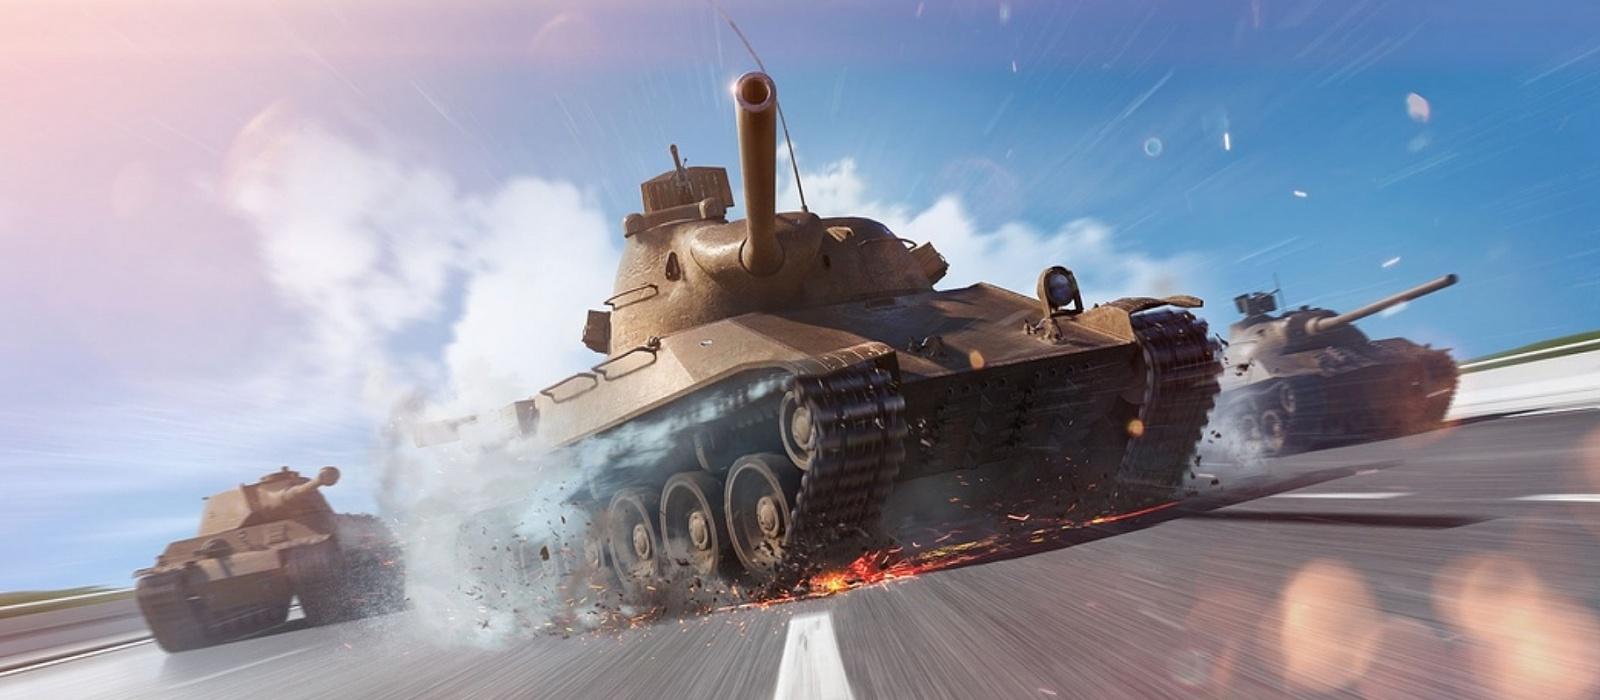 Die Entwickler von World of Tanks Blitz spielen zu Ehren des 23. Februar mit dem Comedy Club-Comedian